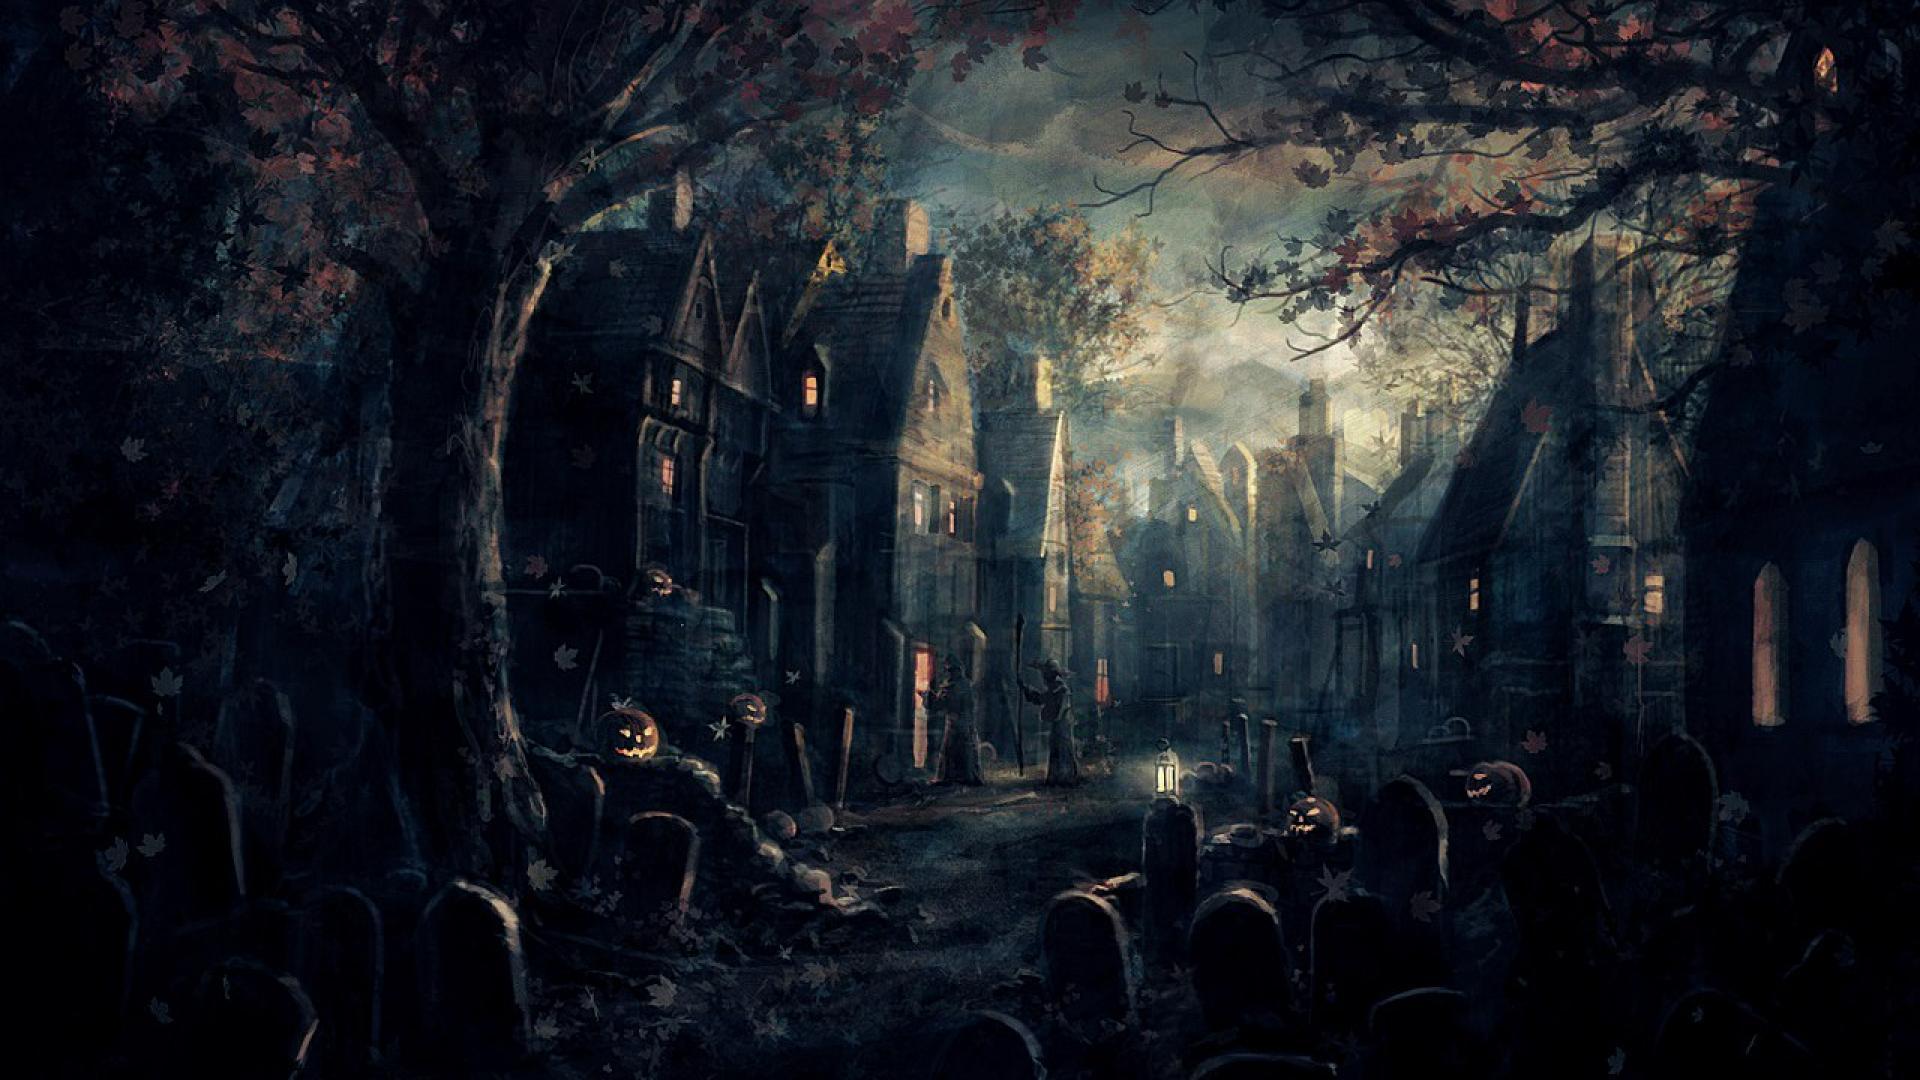 halloween desktop wallpapers #12